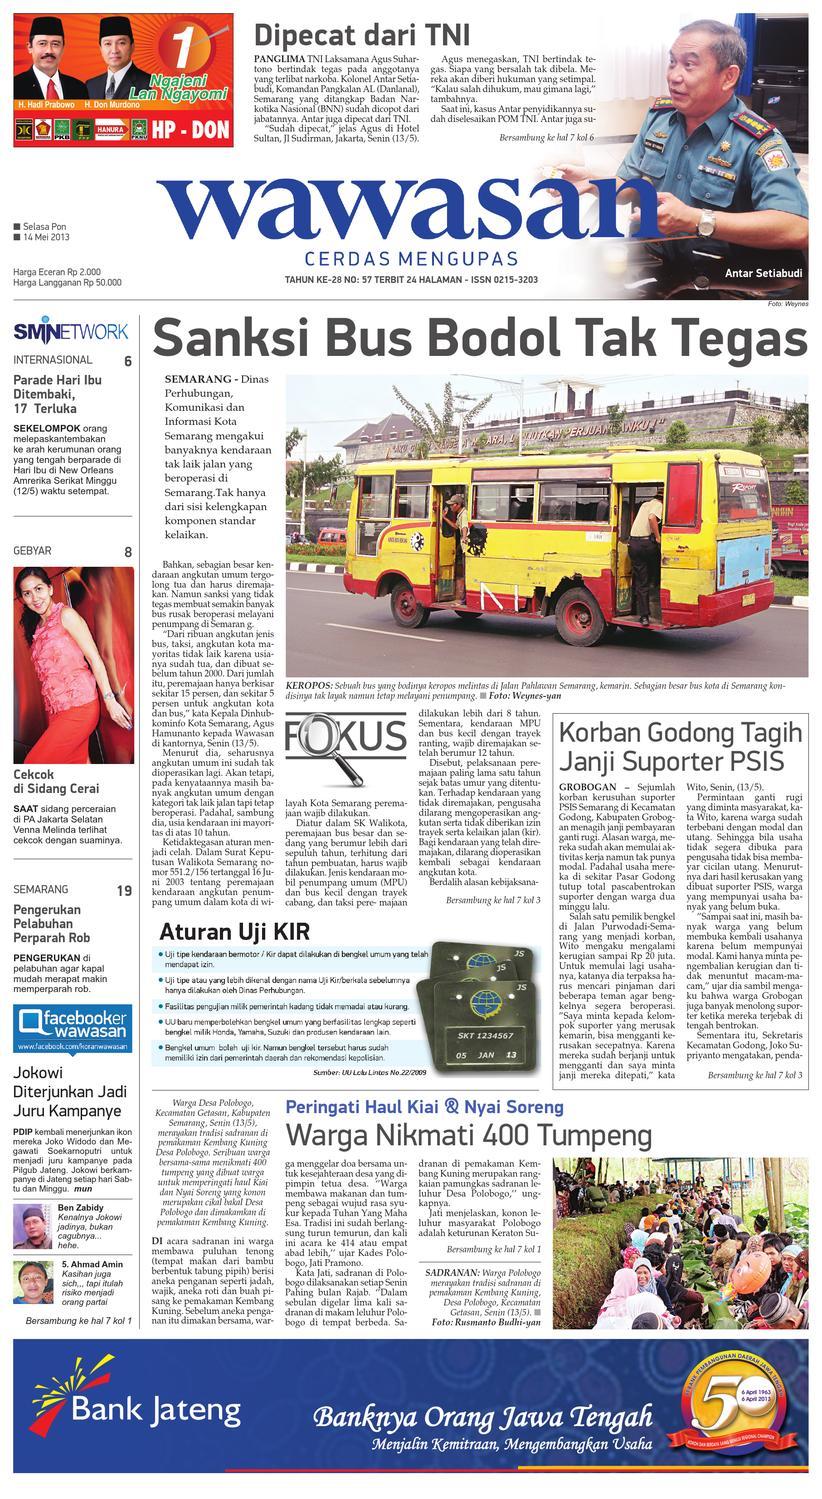 Wawasan 14 Mei 2013 By Koran Pagi Issuu Produk Ukm Bumn Box Hantaran Pengantin Bio Art